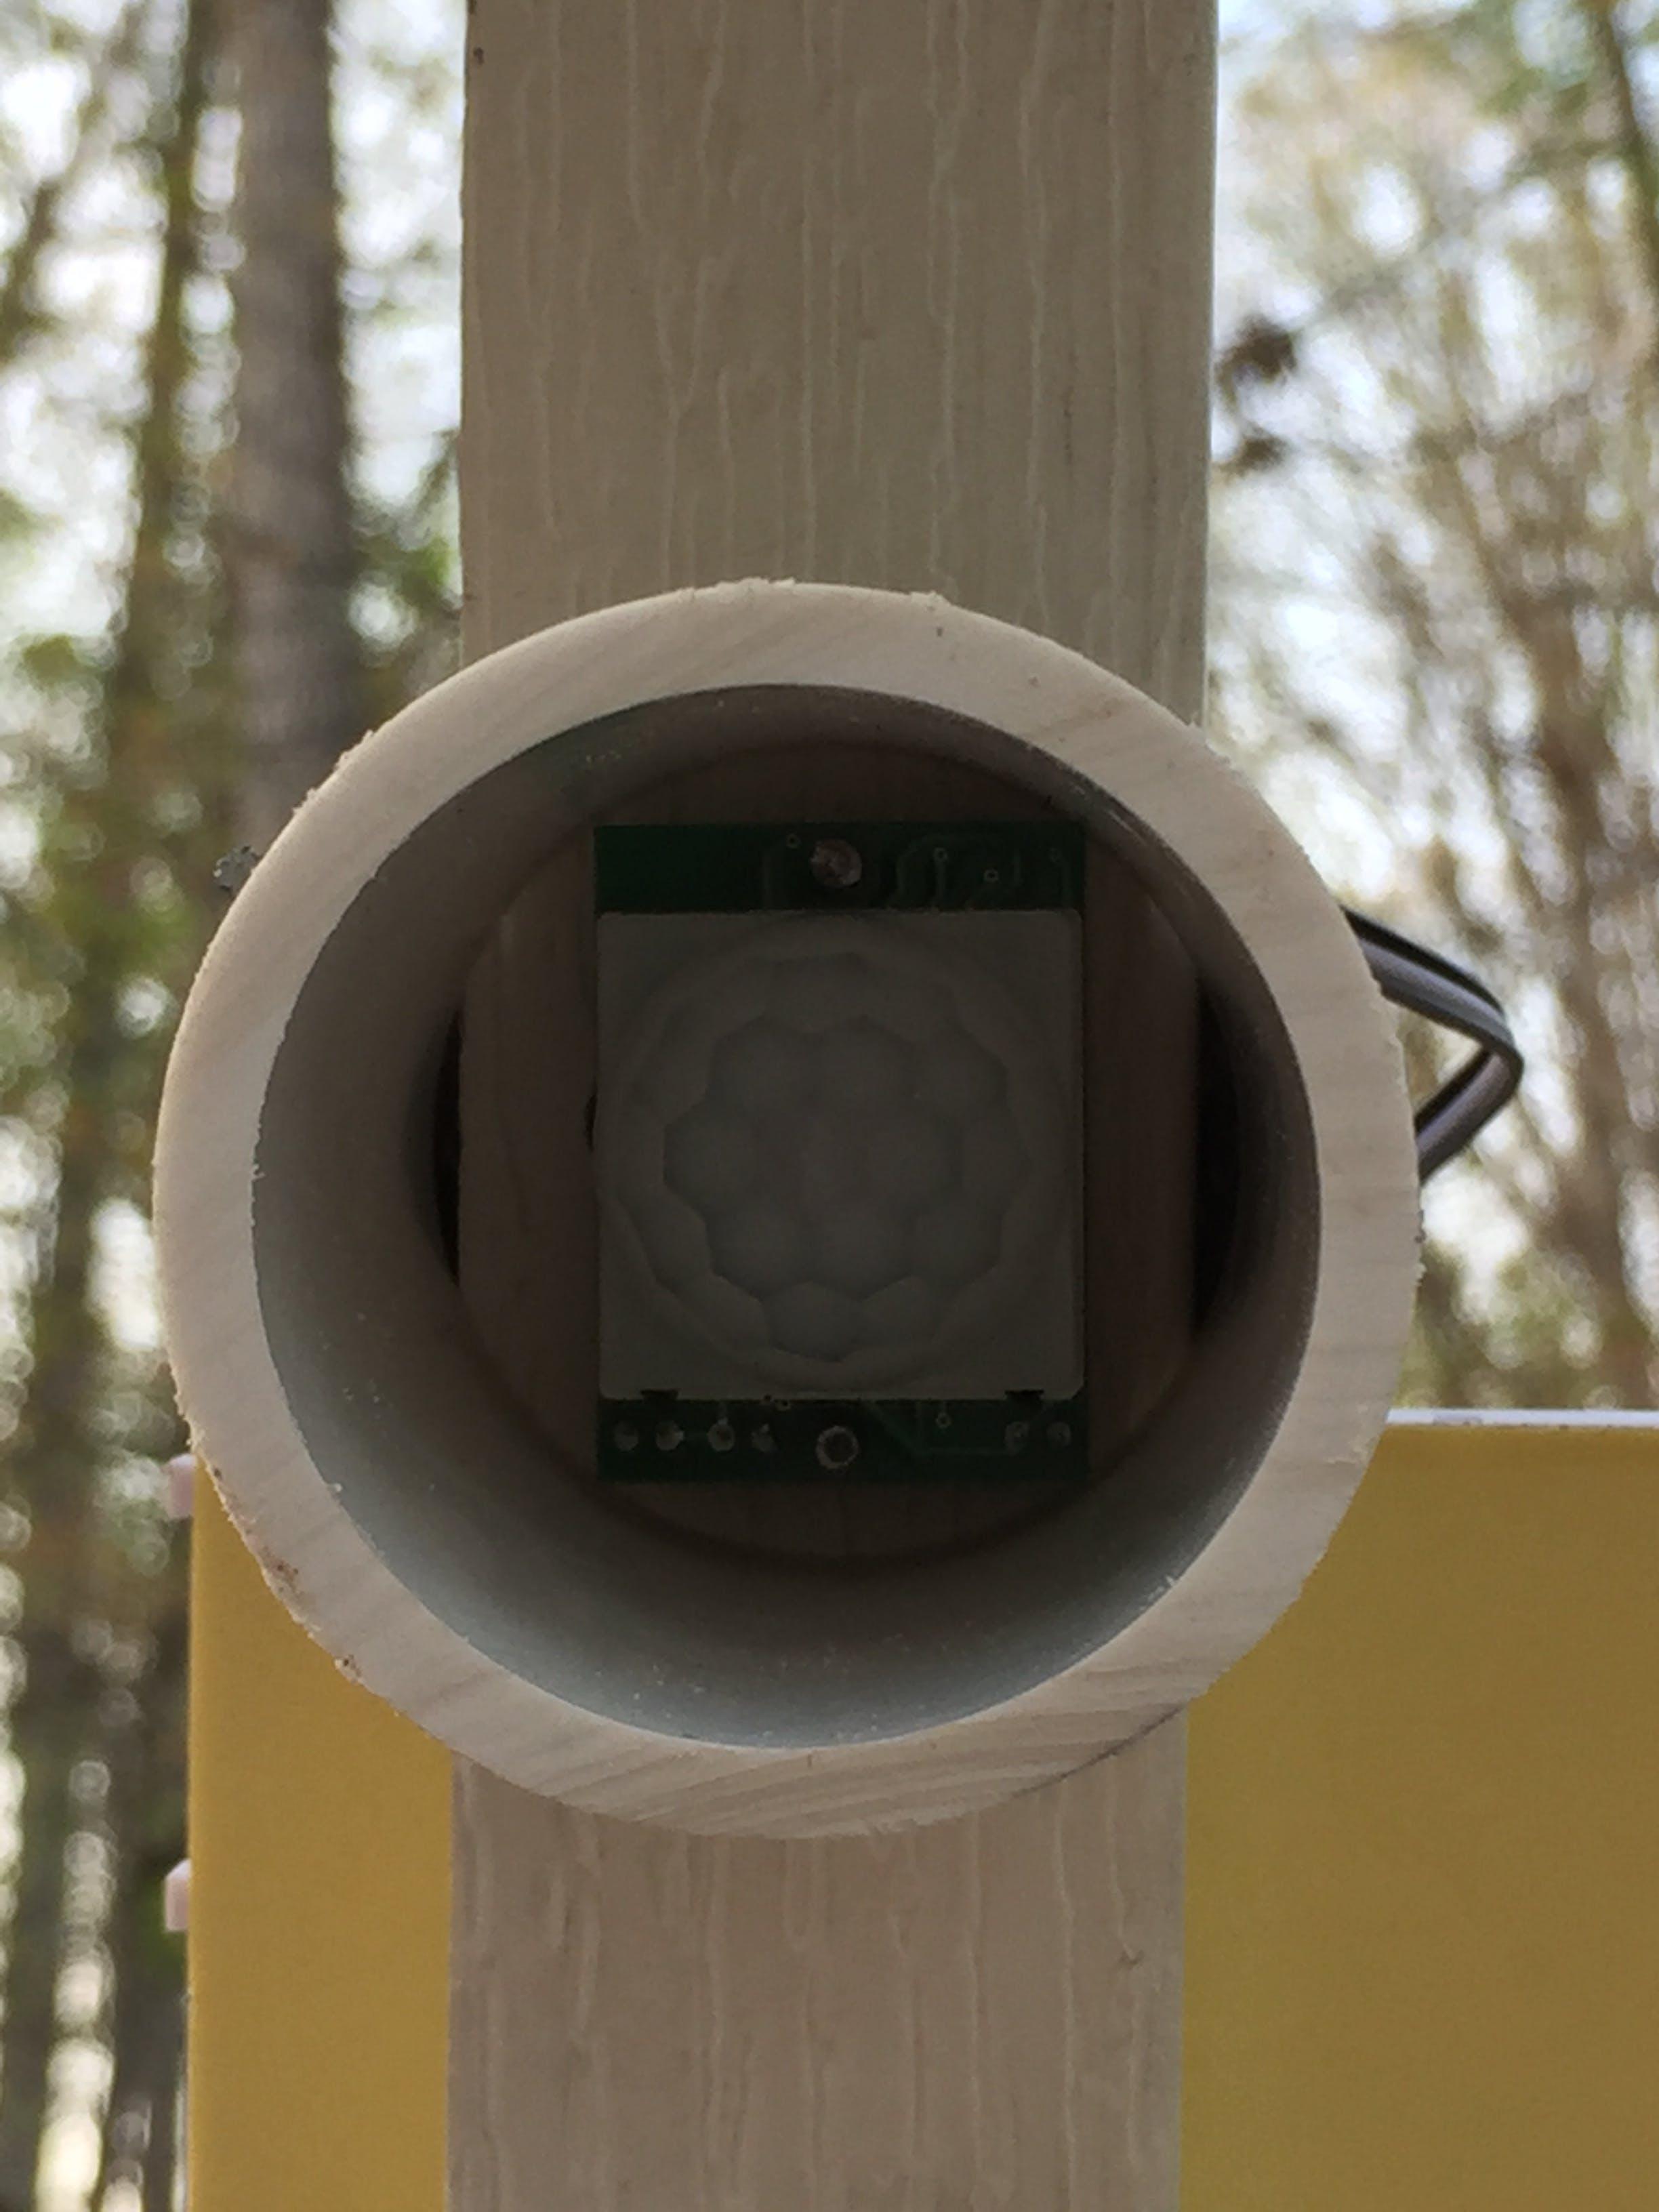 PVC piping direct PIR's viewing range to basket